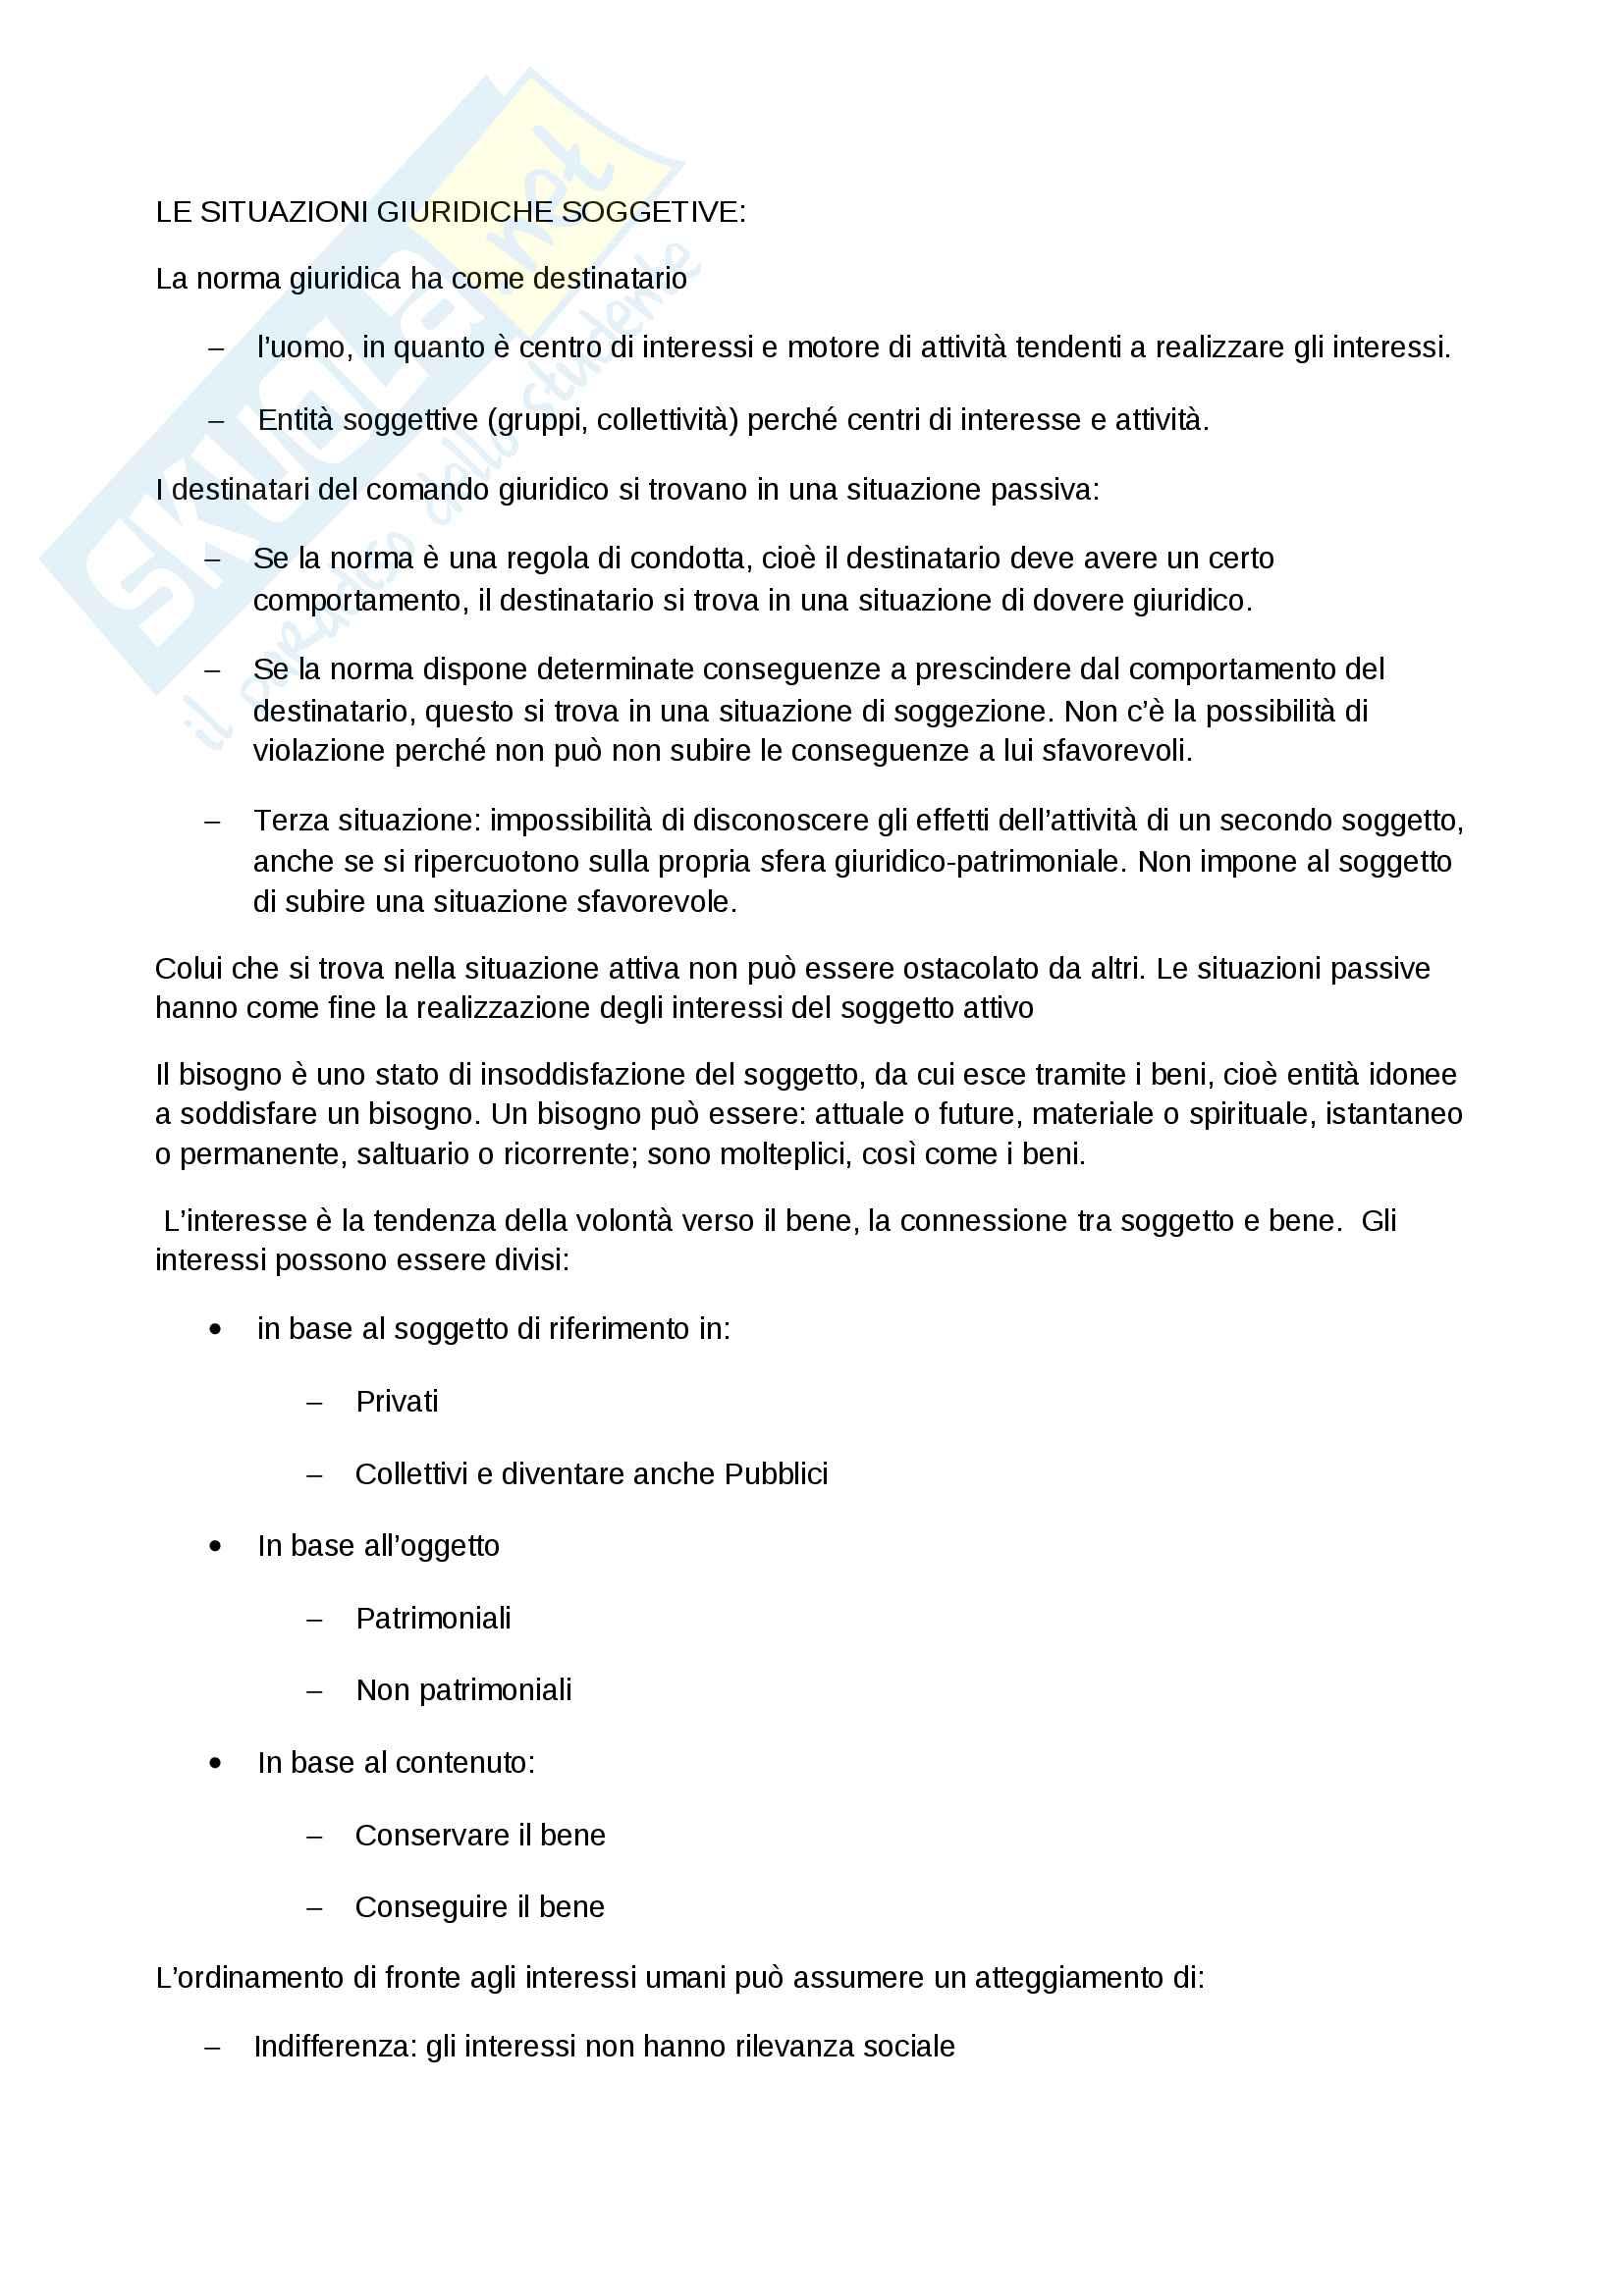 appunto F. Gazzoni Istituzioni giuridiche